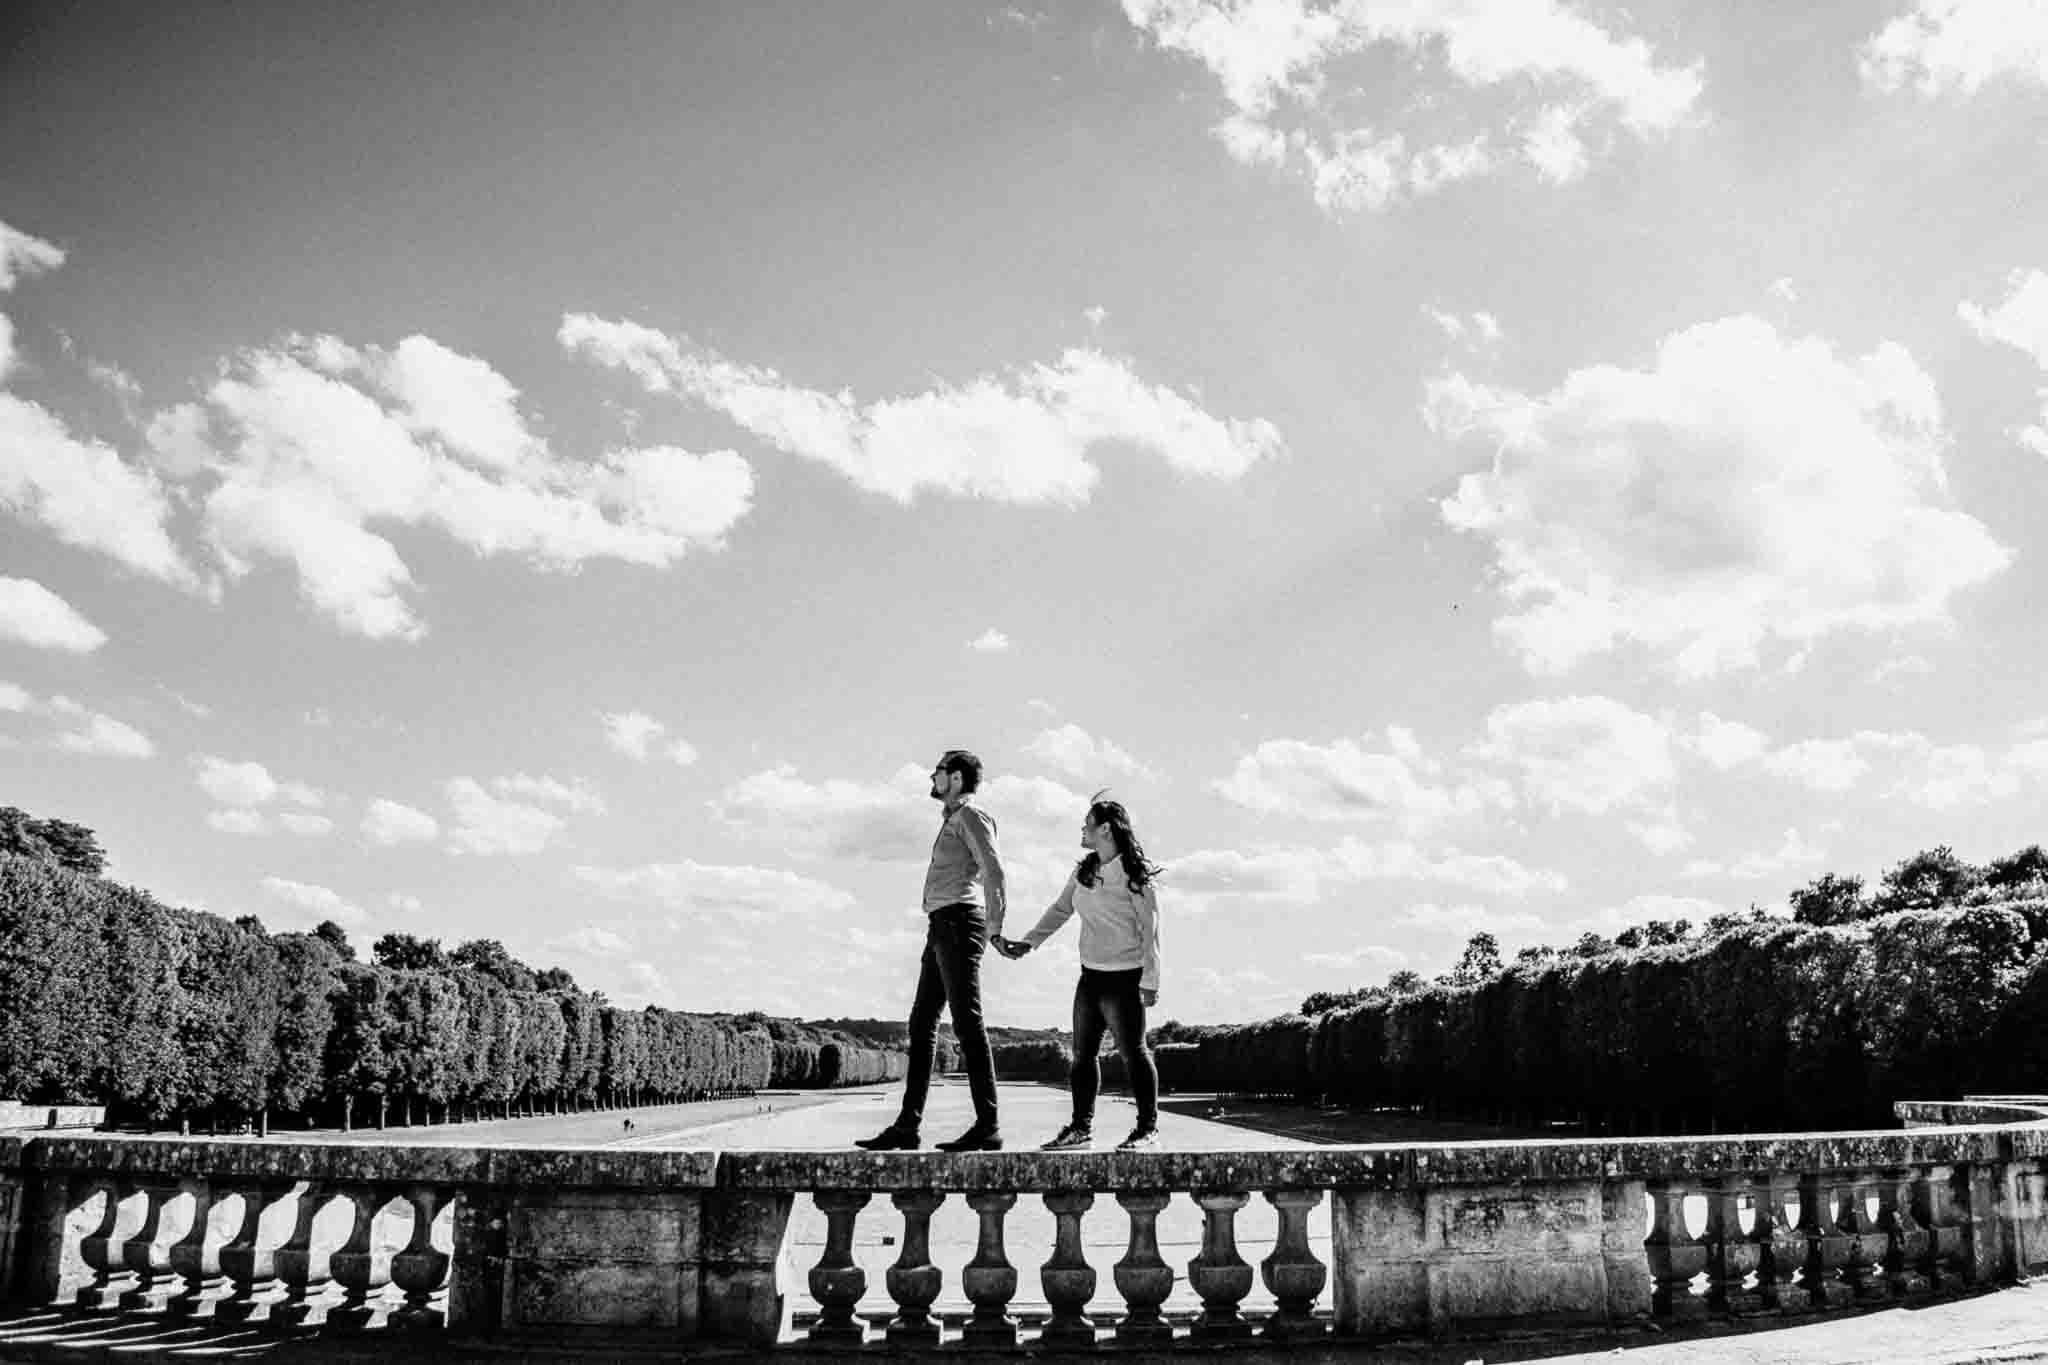 Art_Avec_Amour_Photographe_Mariage_Famille_Paris_France-00142.jpg